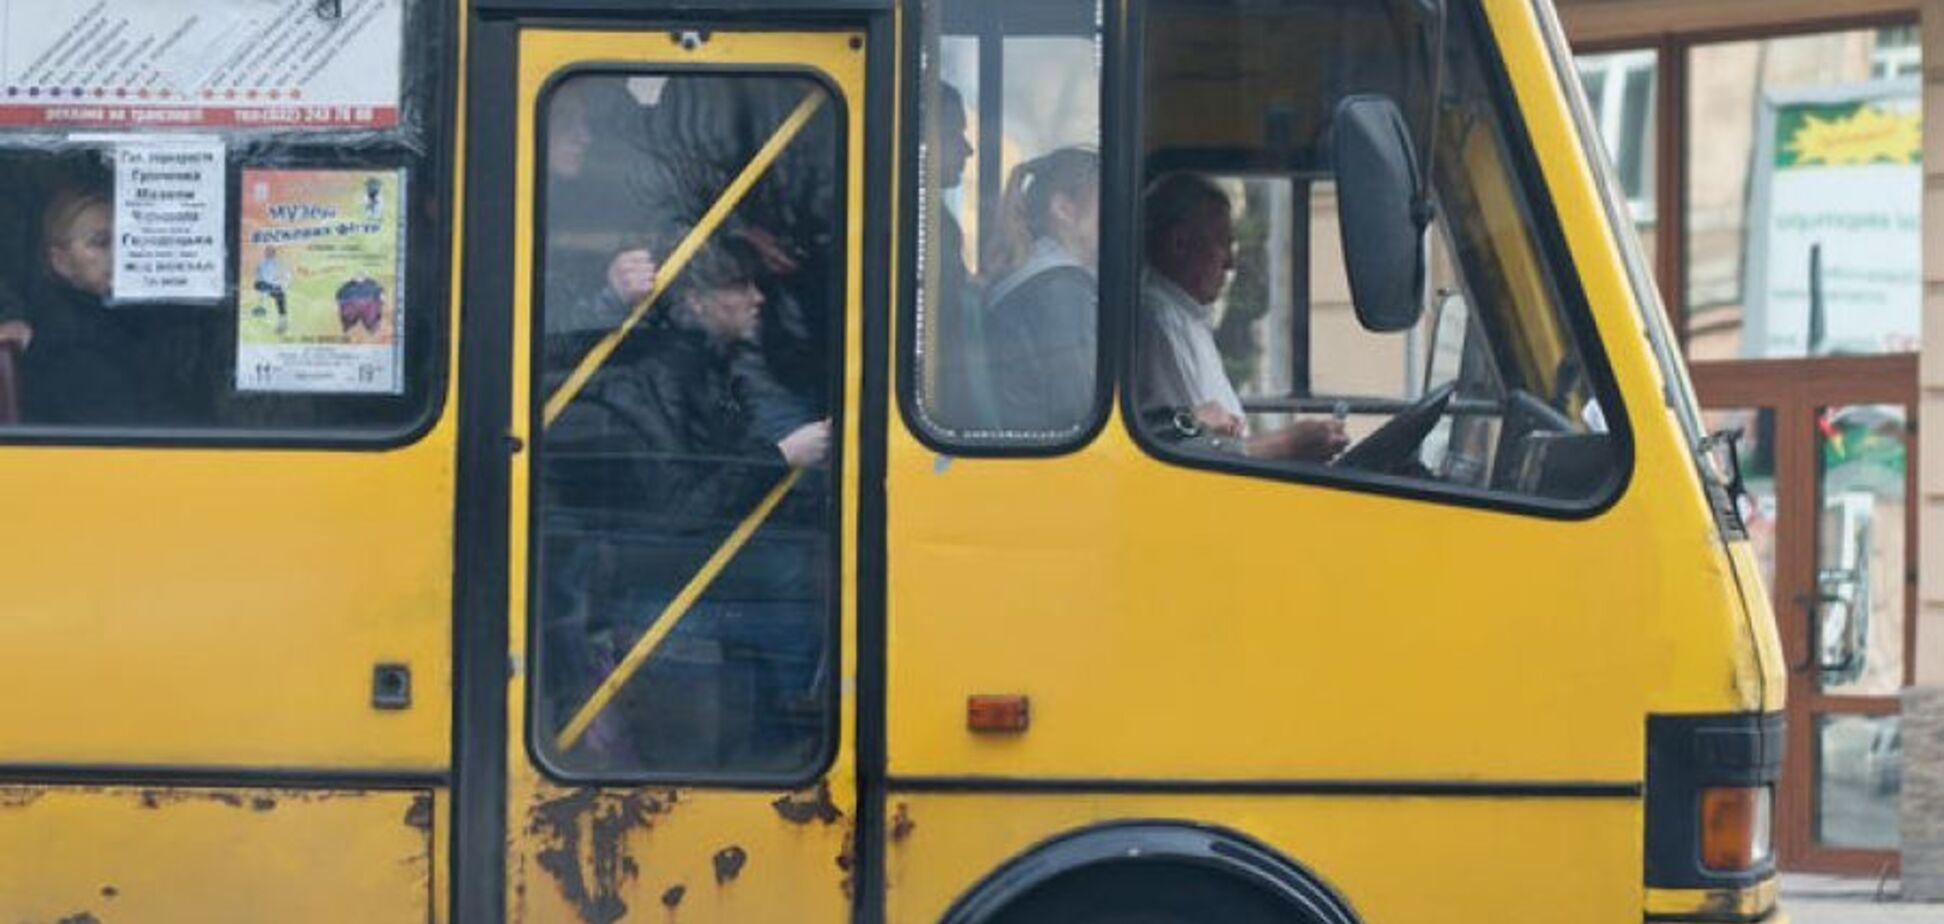 'Люди падали!' У Києві на ходу зламалася маршрутка. Відео